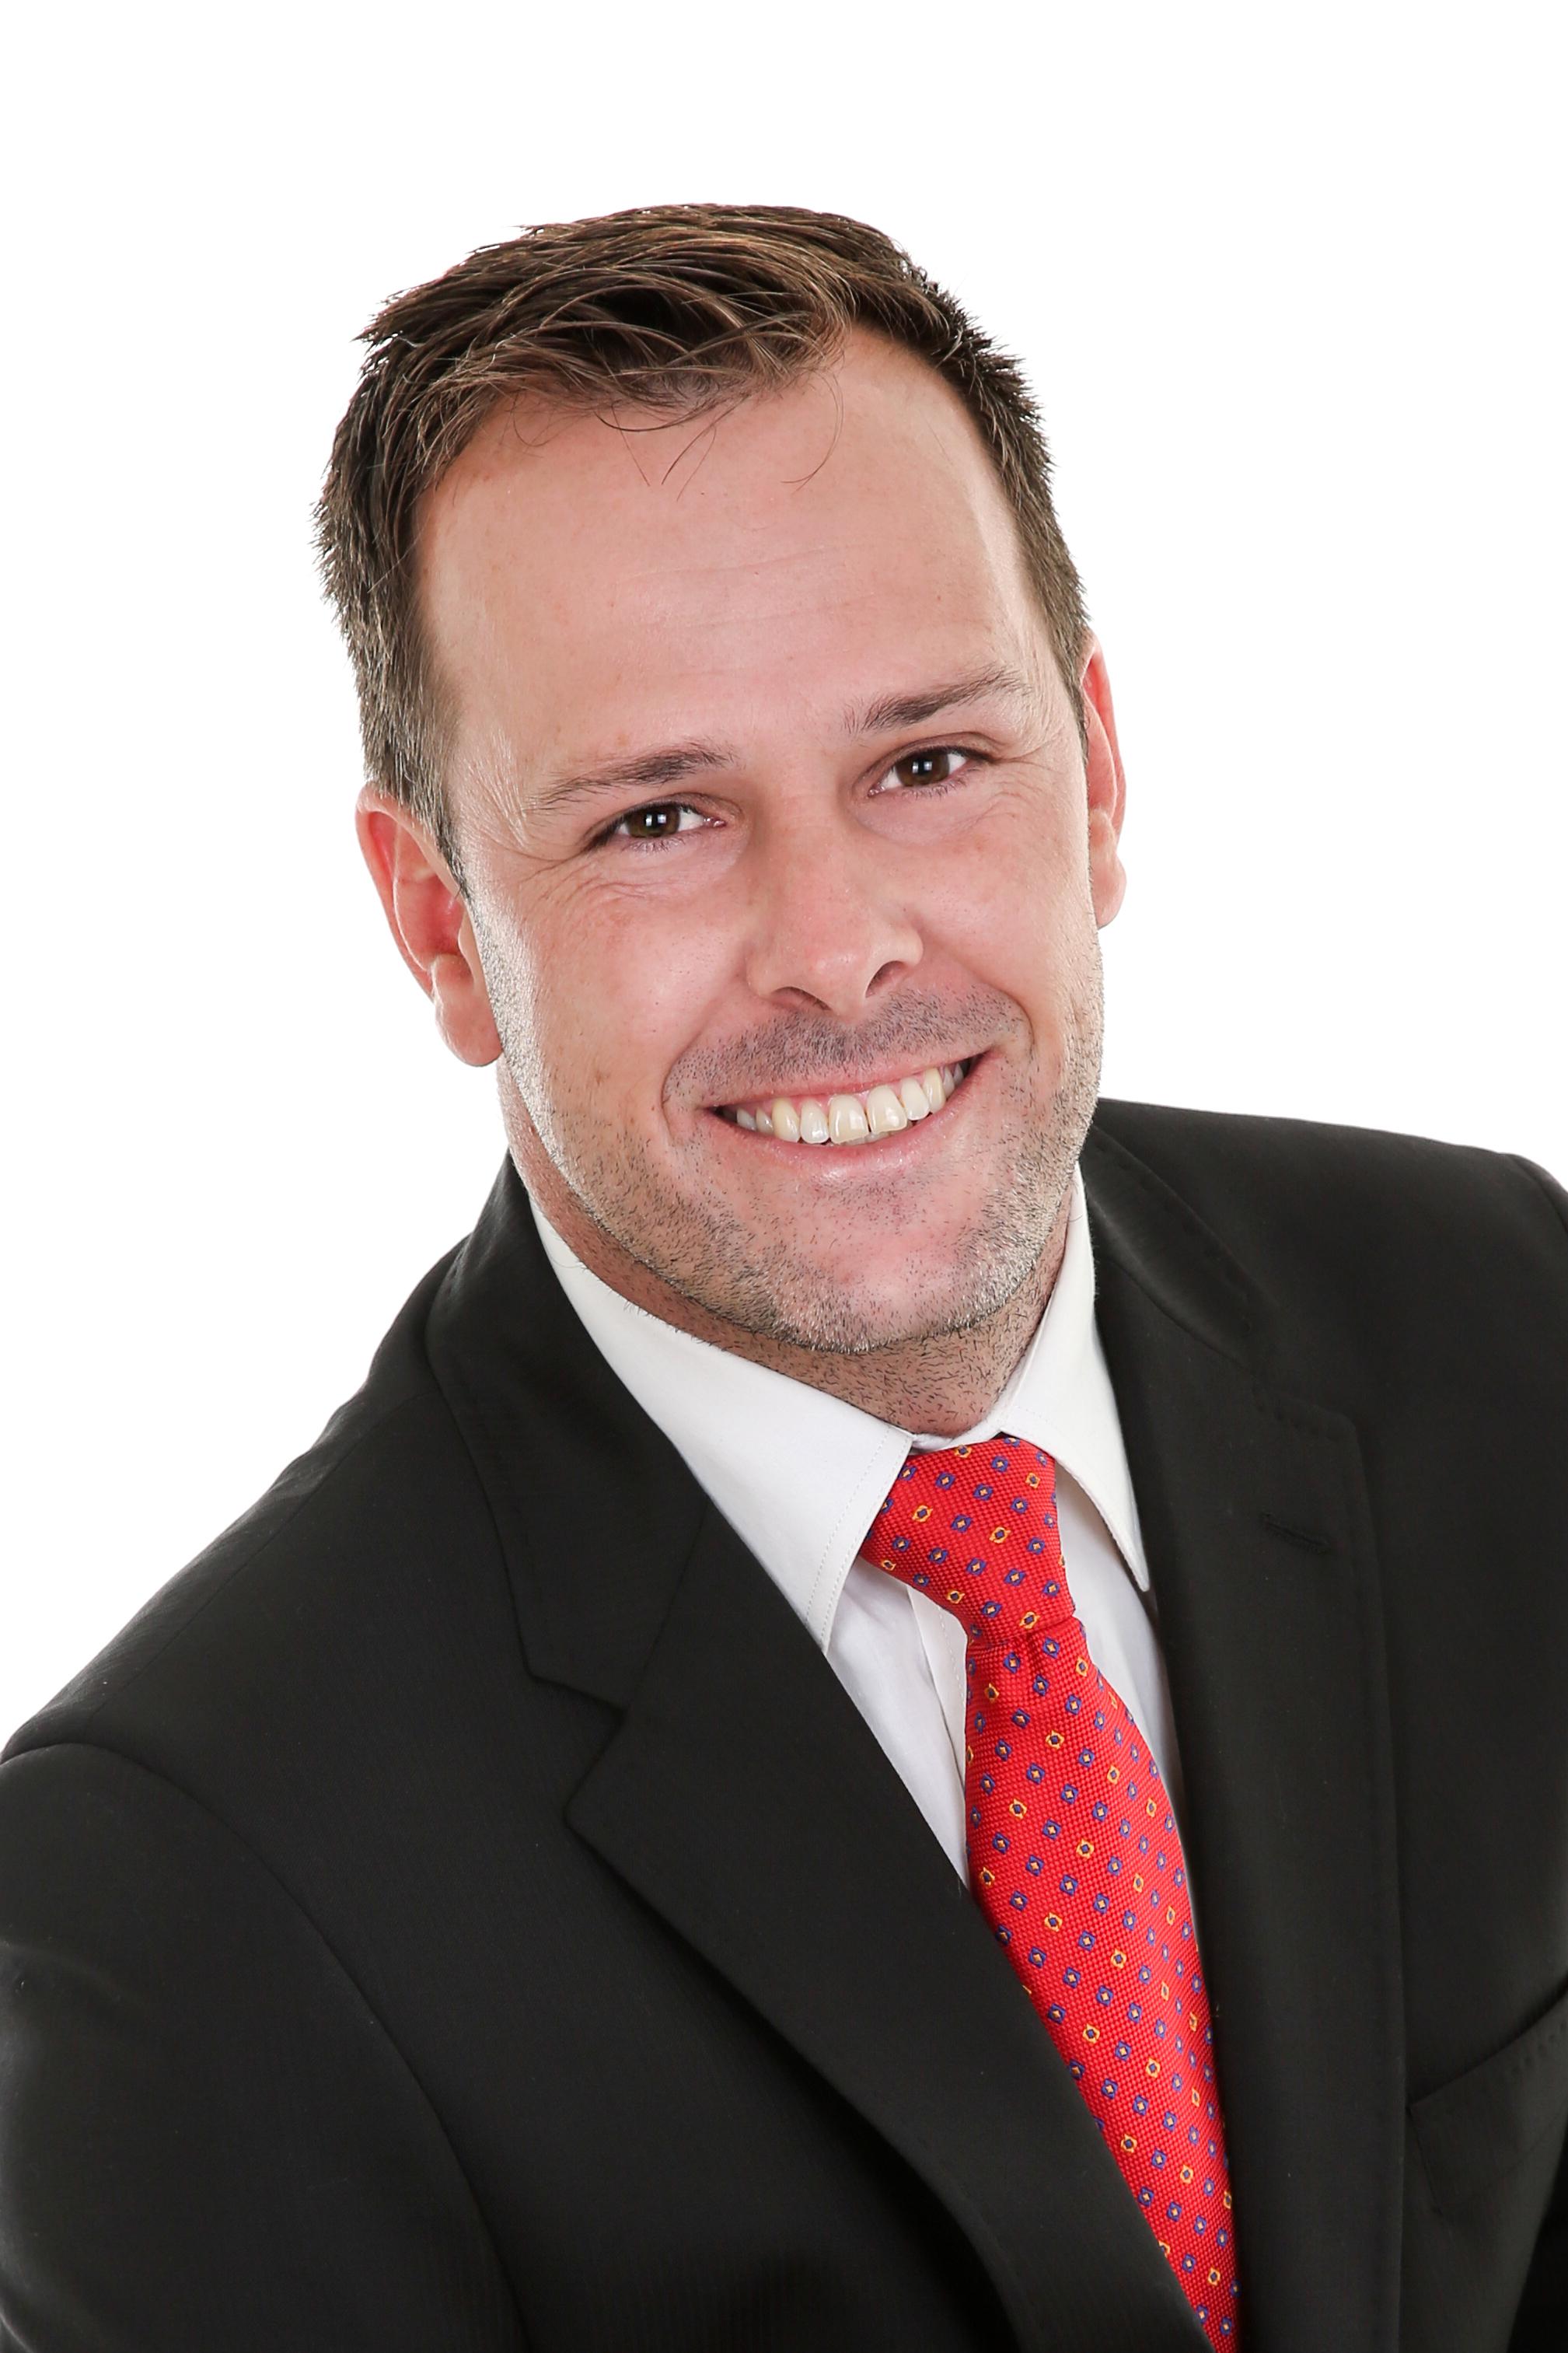 Real Estate Agent - Rudi Van Schalkwyk